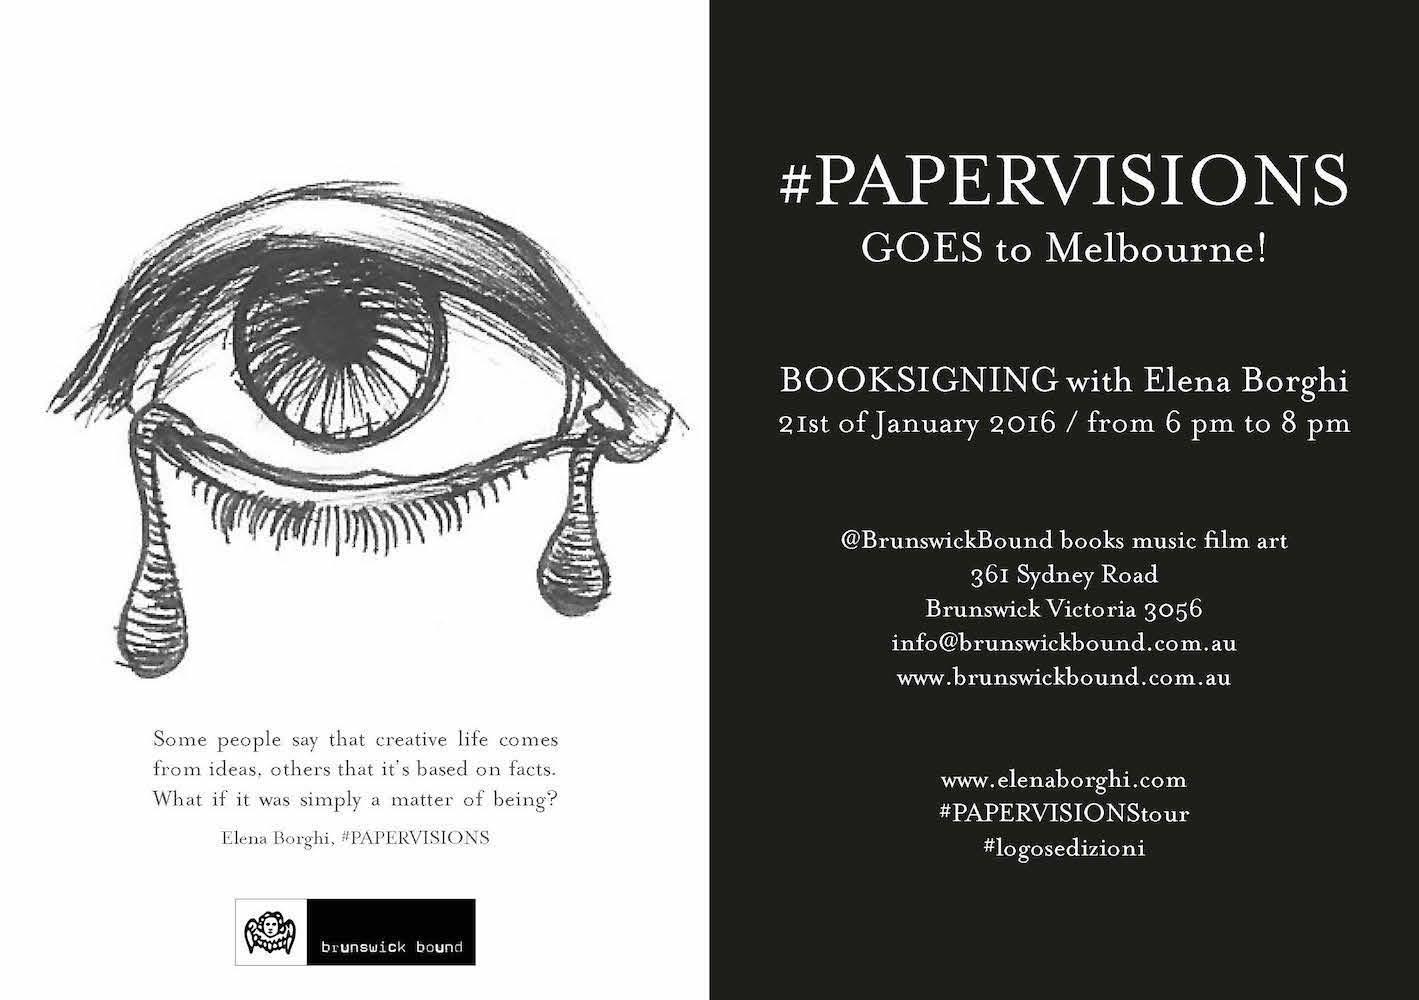 booksigning_paper_visions_elena_borghi_logosedizioni